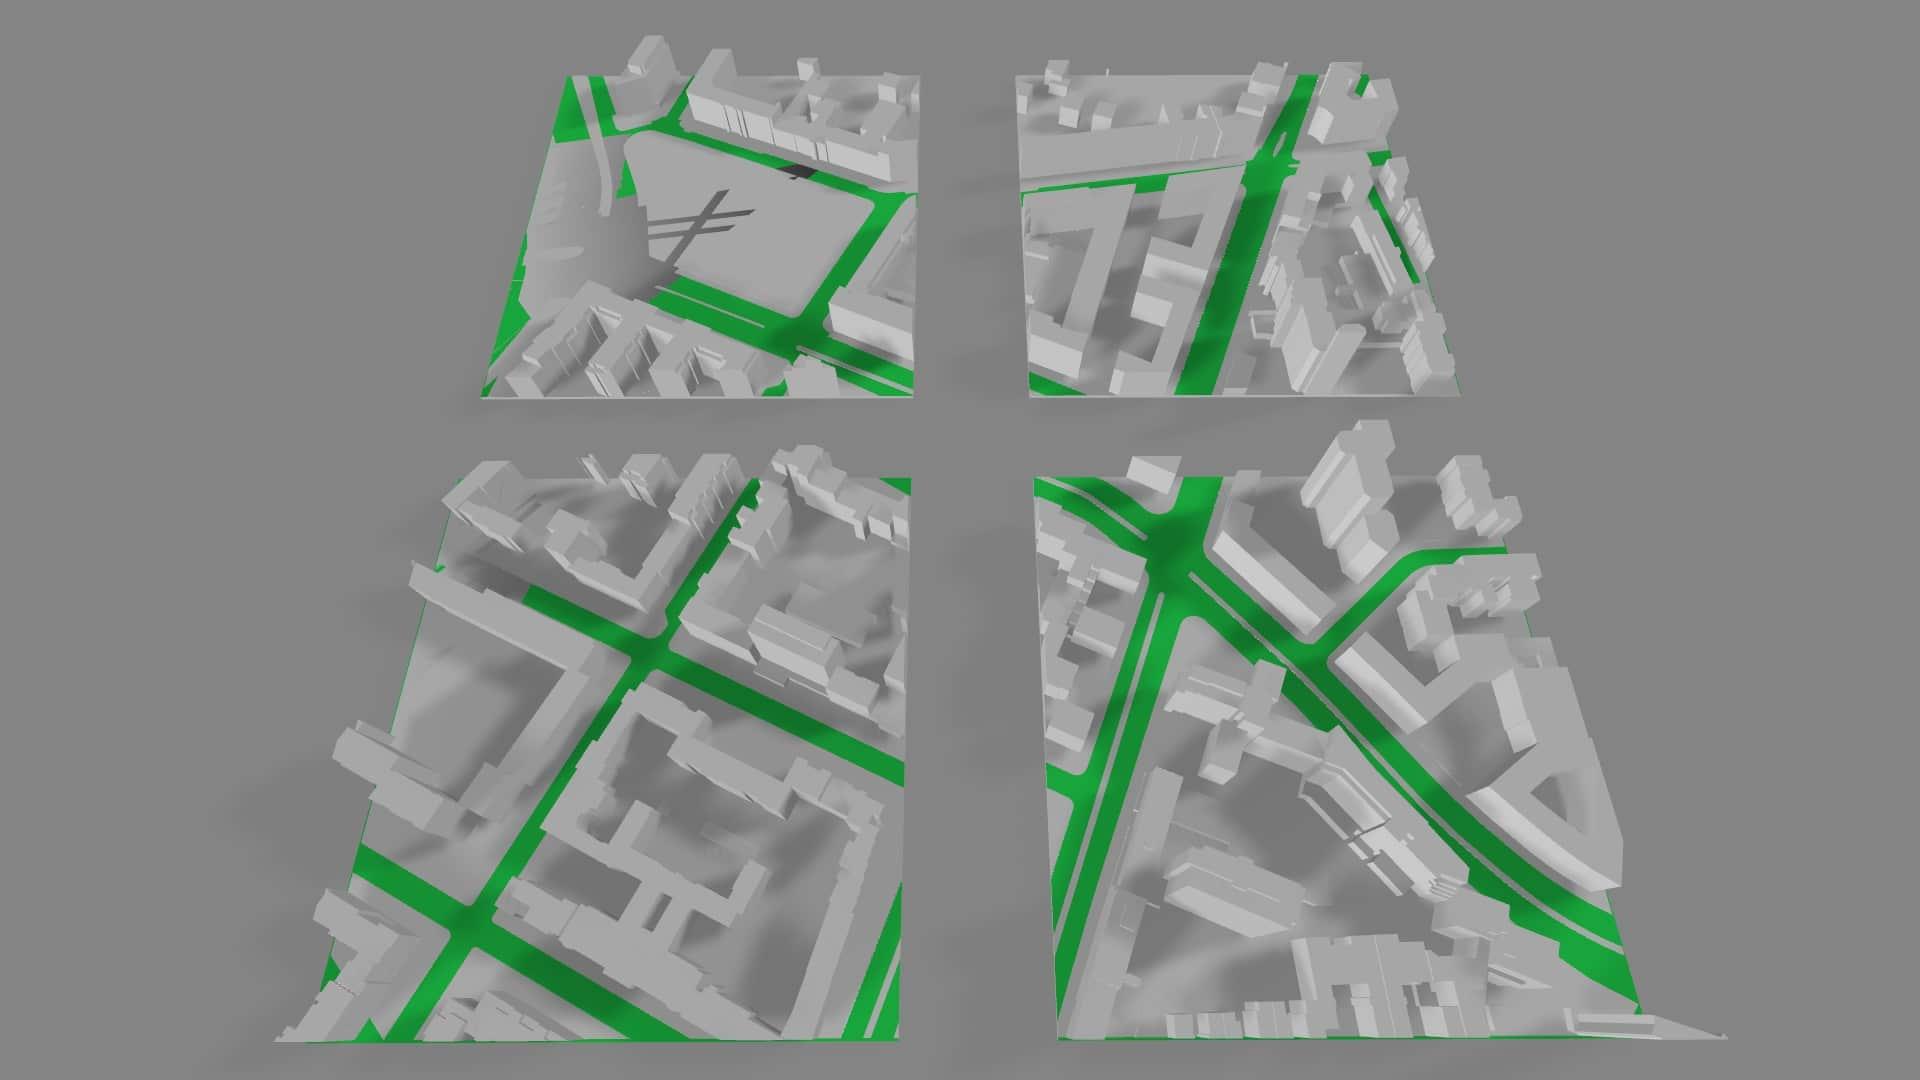 Aufgeteiltes 3D-Kartenmodell in kleinere Elemente